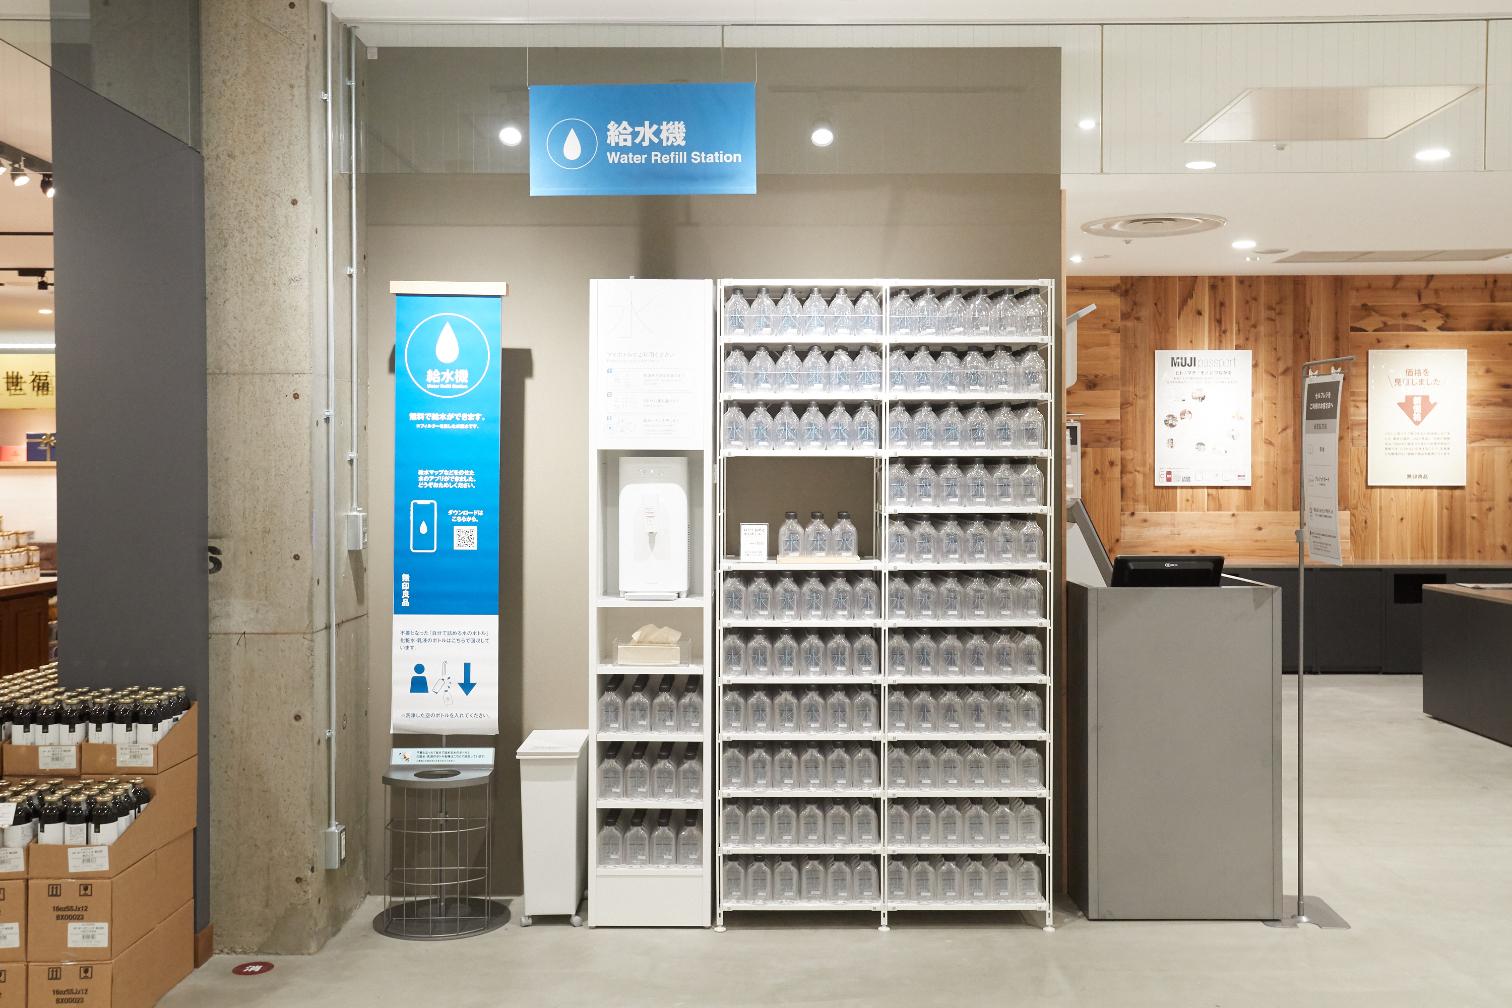 ソーシャルプロダクツ・インタビュー<br>マイボトル習慣でプラスチックごみ軽減<br>未来のために「暮らし」を見直す無印良品の提案とは?<br>- 株式会社良品計画 -